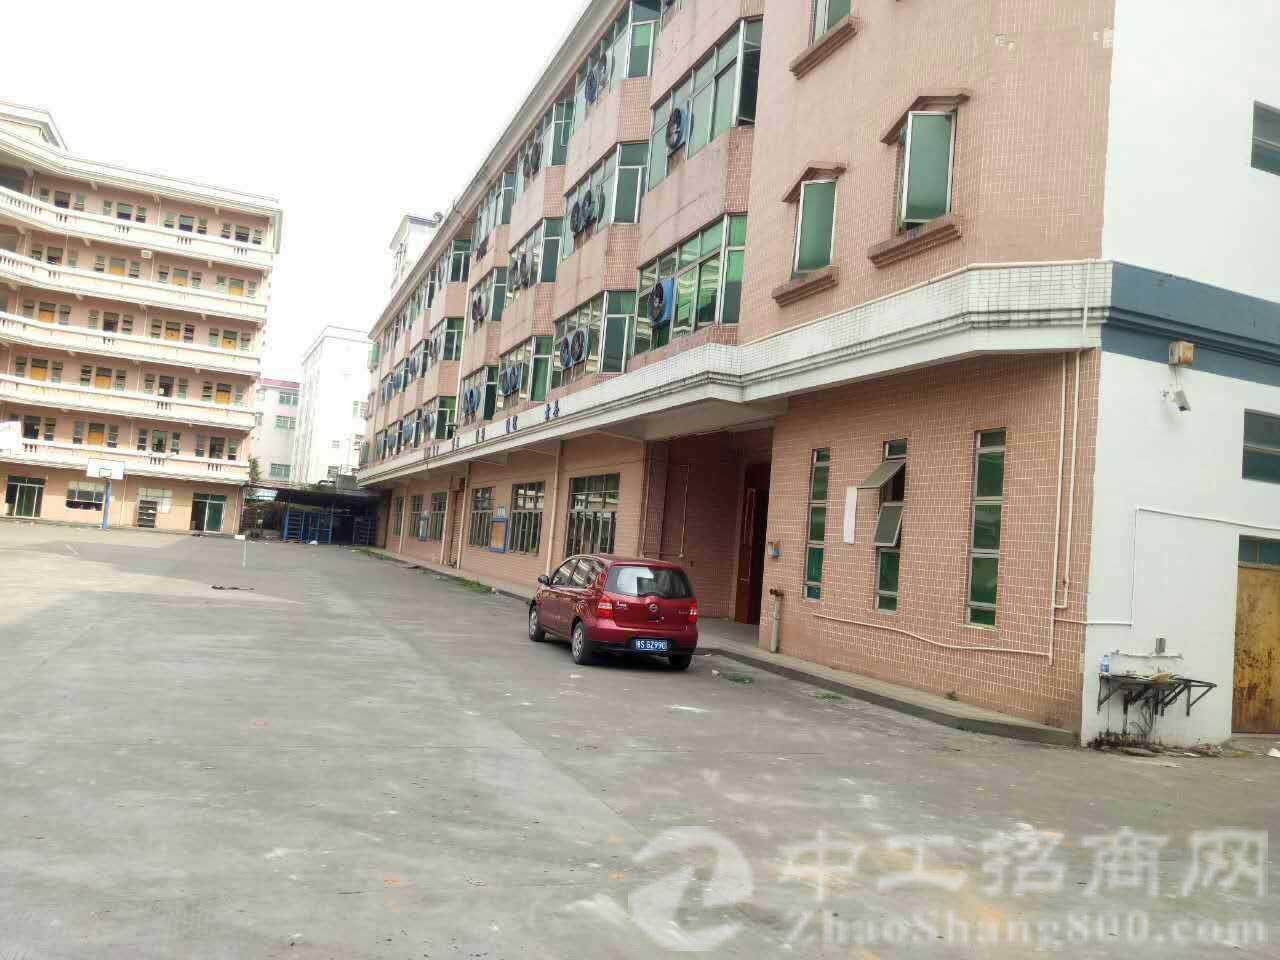 广州新出独院标准厂房5200,滴水8米可以做点小污染,抽粒